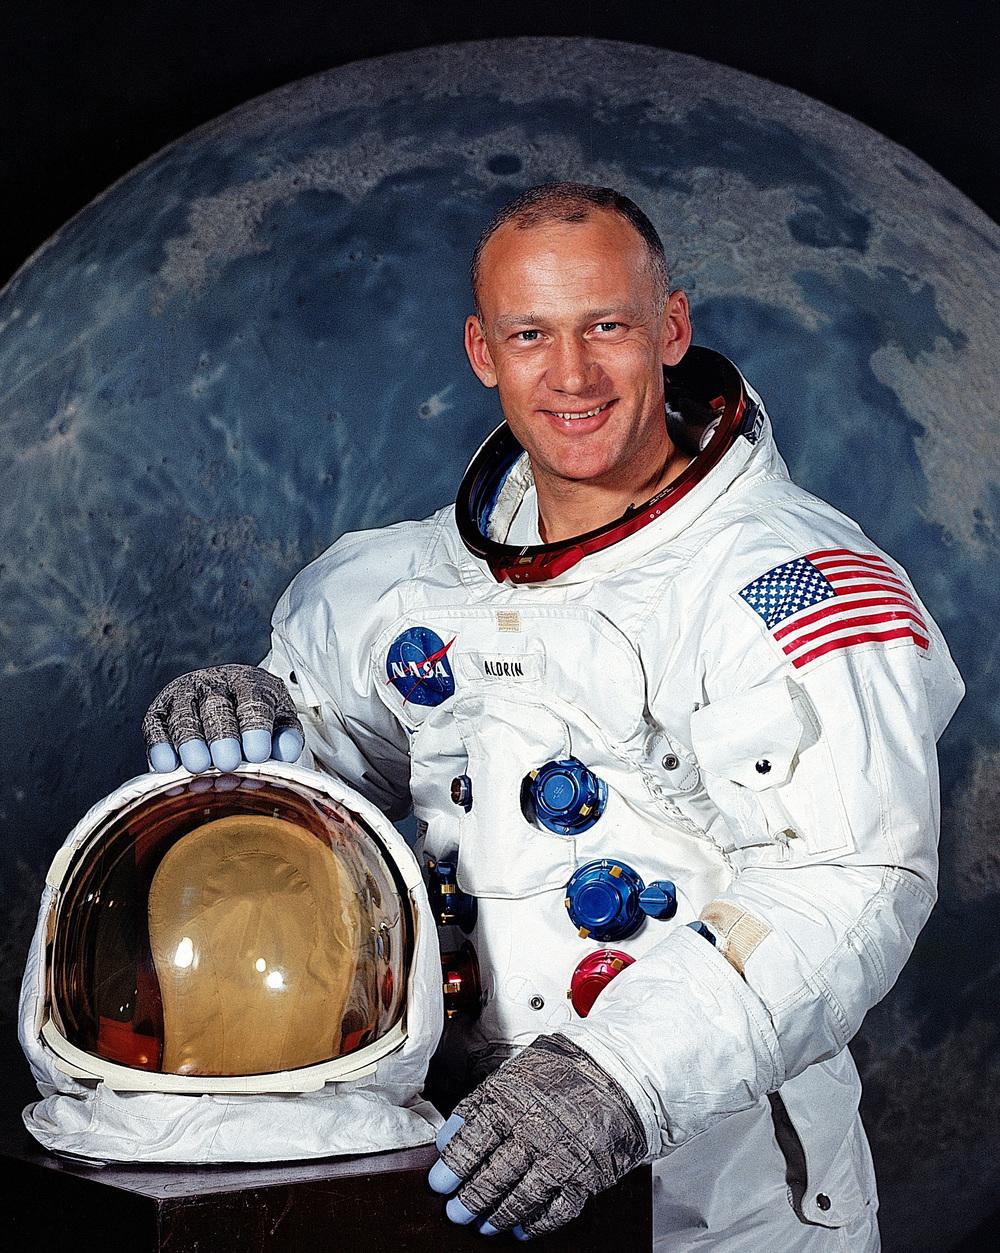 Buzz Aldrin's Official NASA Portrait